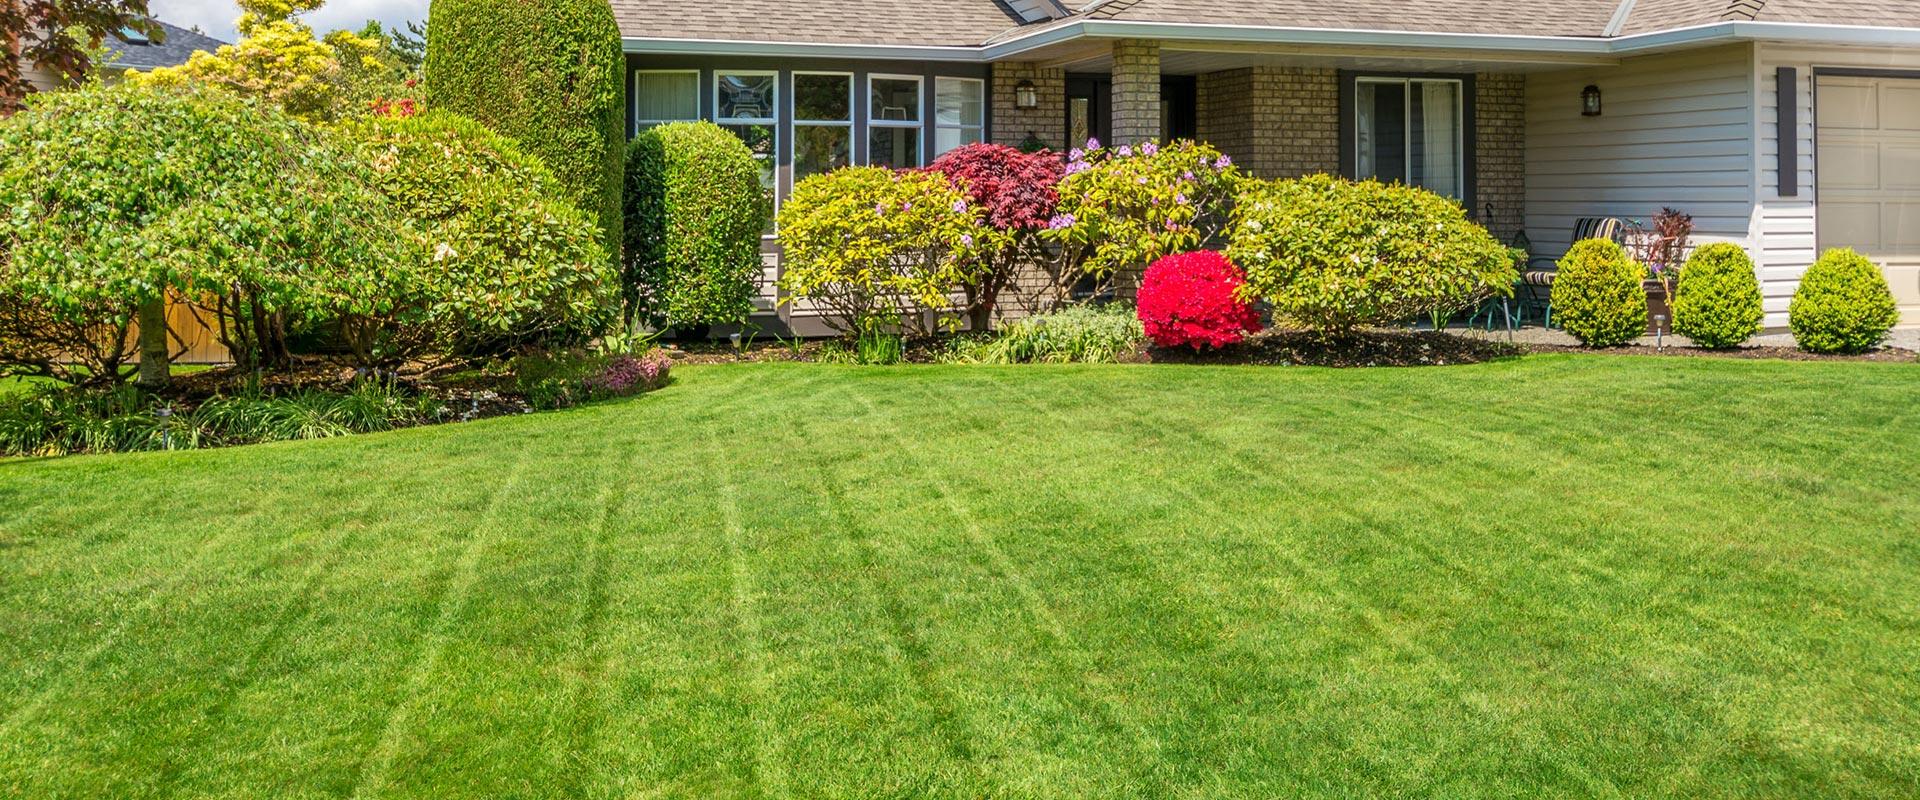 Marann jones landscape consultant gardening littlestown pa for Garden consultant